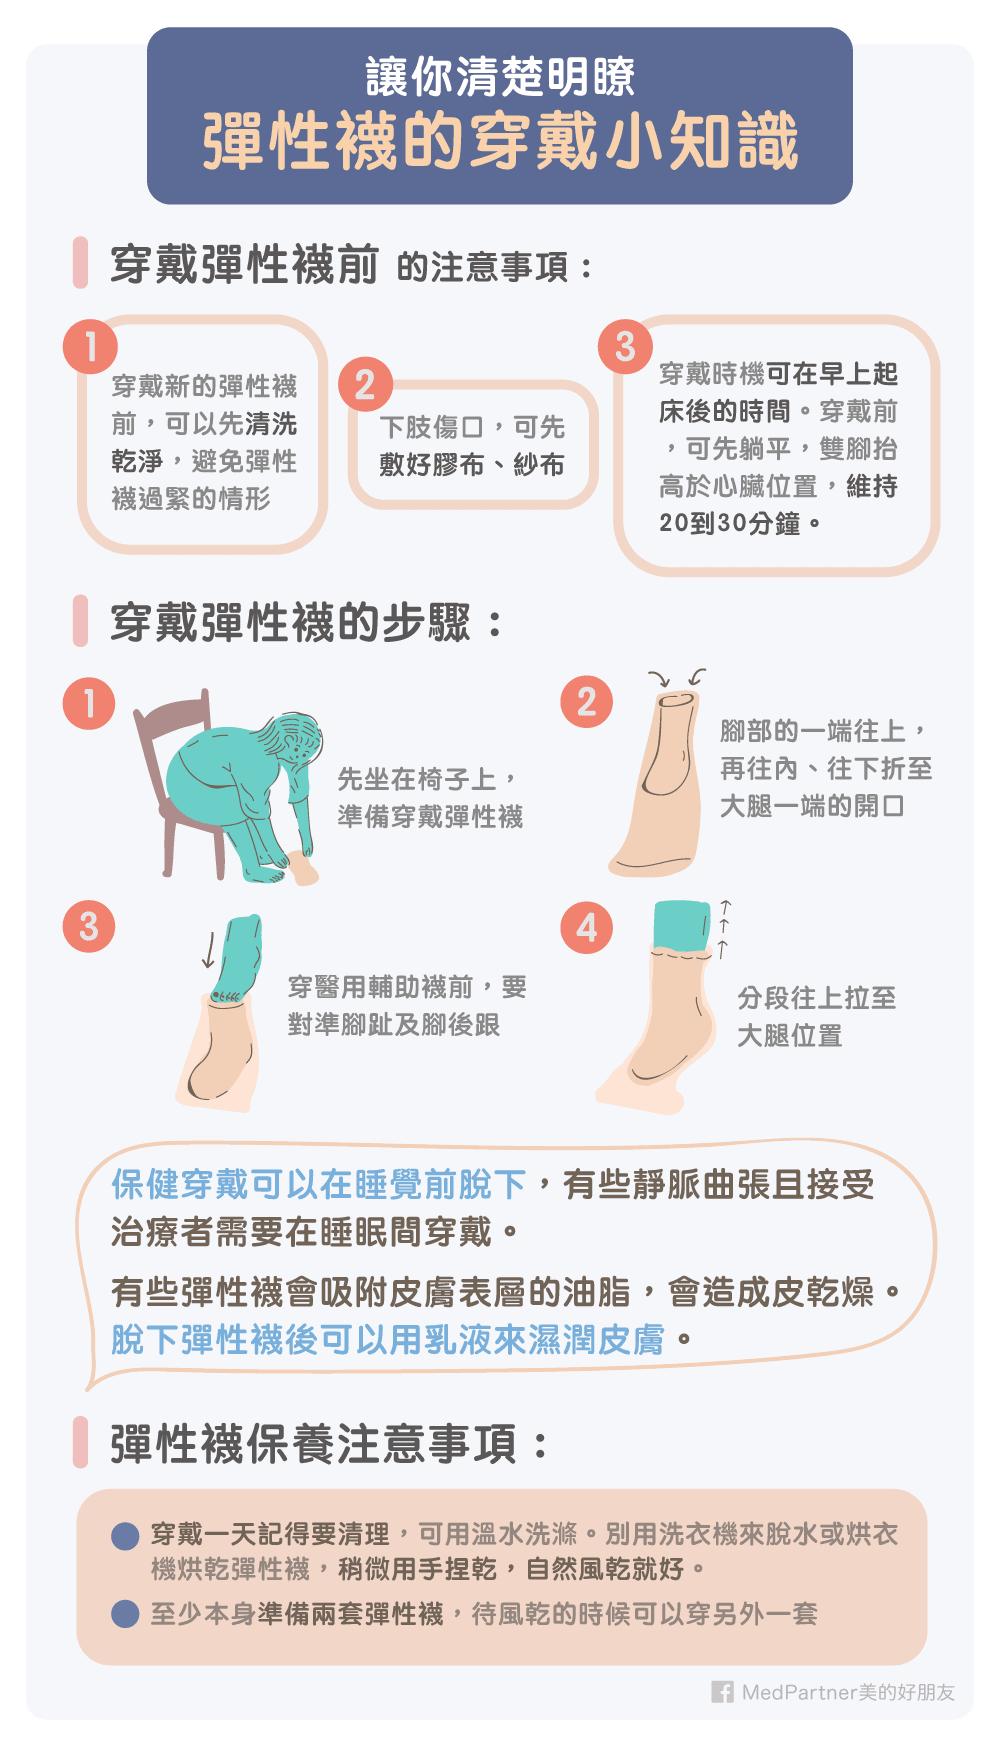 彈性襪的穿戴步驟